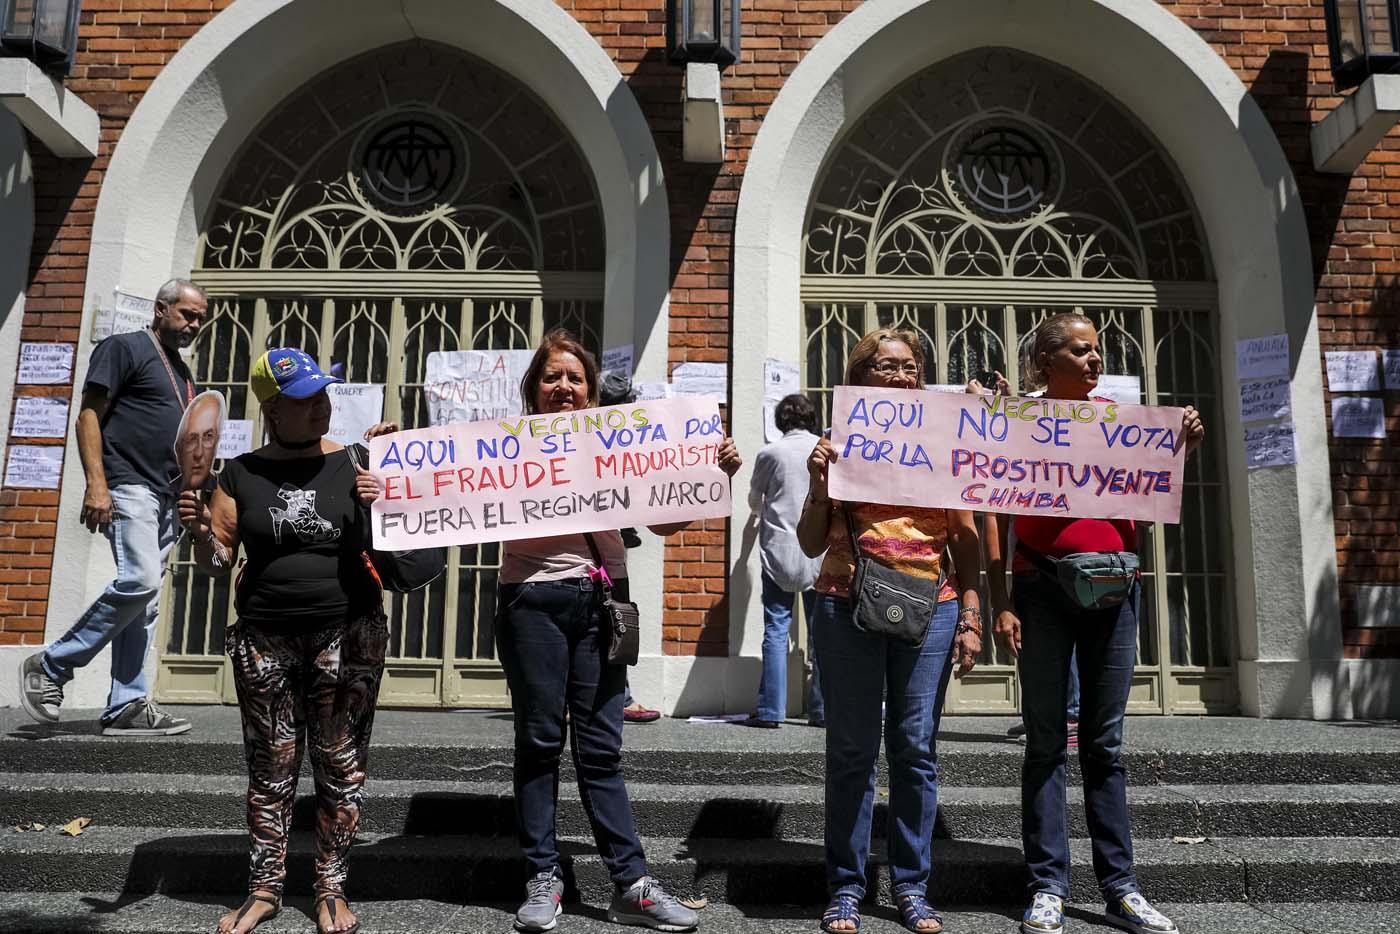 CAR08. CARACAS (VENEZUELA), 24/07/2017.- Mujeres se manifiestan en rechazo a la Asamblea Constituyente hoy, lunes 24 de julio de 2017, en un colegio electoral de Caracas (Venezuela). Venezuela inicia hoy la semana decisiva para la elección de la Asamblea Nacional Constituyente convocada por el presidente, Nicolás Maduro, con los oficialistas entrando en la recta final de su campaña en medio de protestas y llamados a paro de los opositores en rechazo a esos comicios. EFE/Miguel Gutiérrez